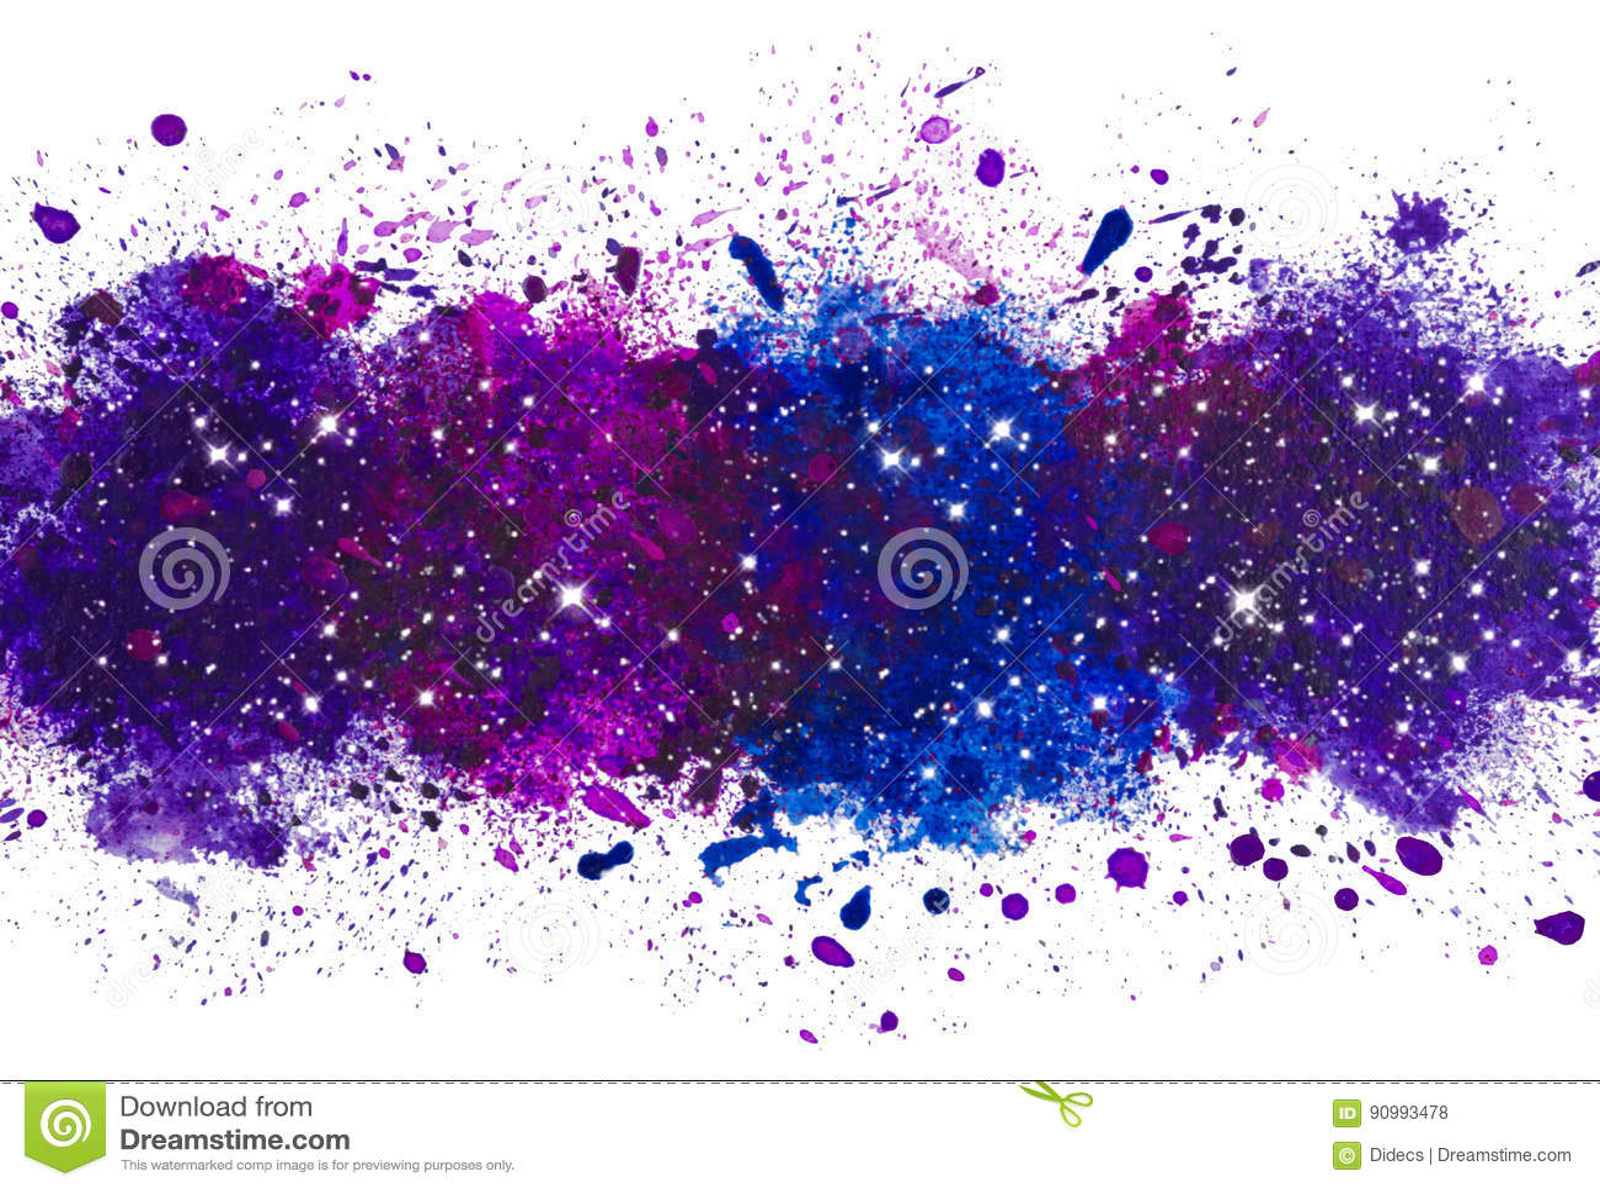 抽象艺术性的水彩油漆飞溅背景,与发光的星系担任主角